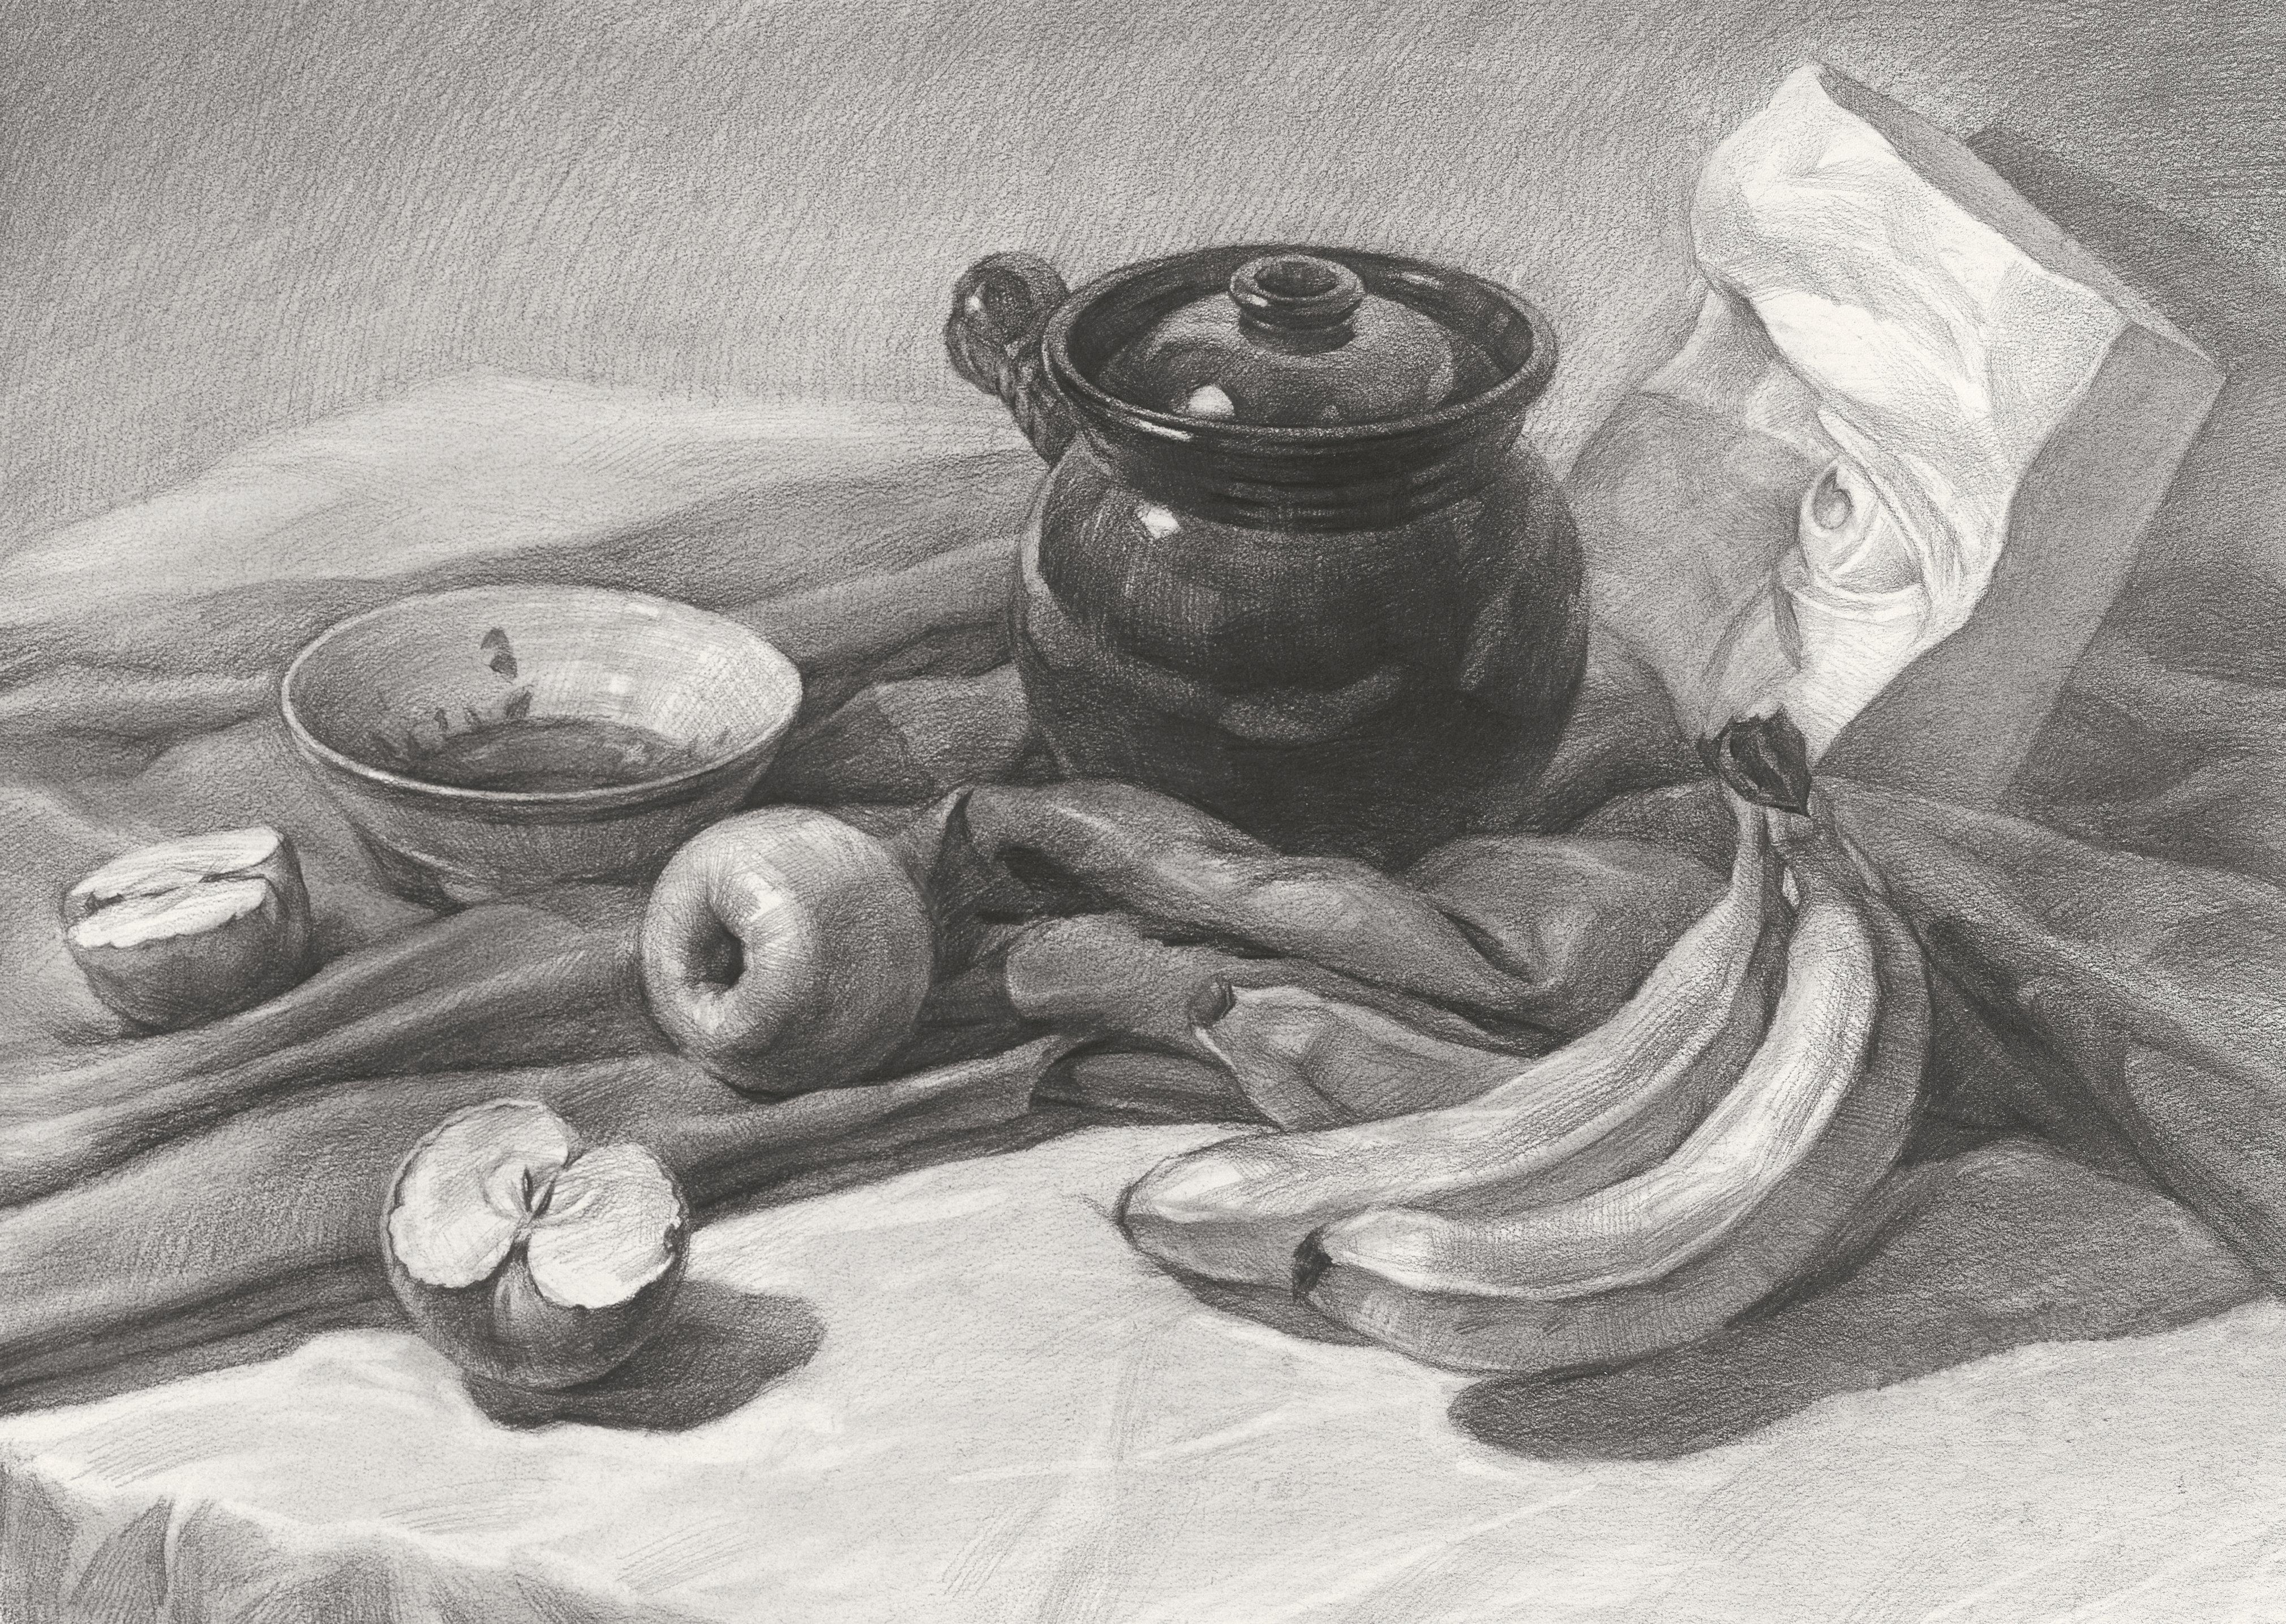 静物素描罐子_陶瓷类素描静物组合 罐子 水果 香蕉 盘子,美术作品图库-美术宝图库